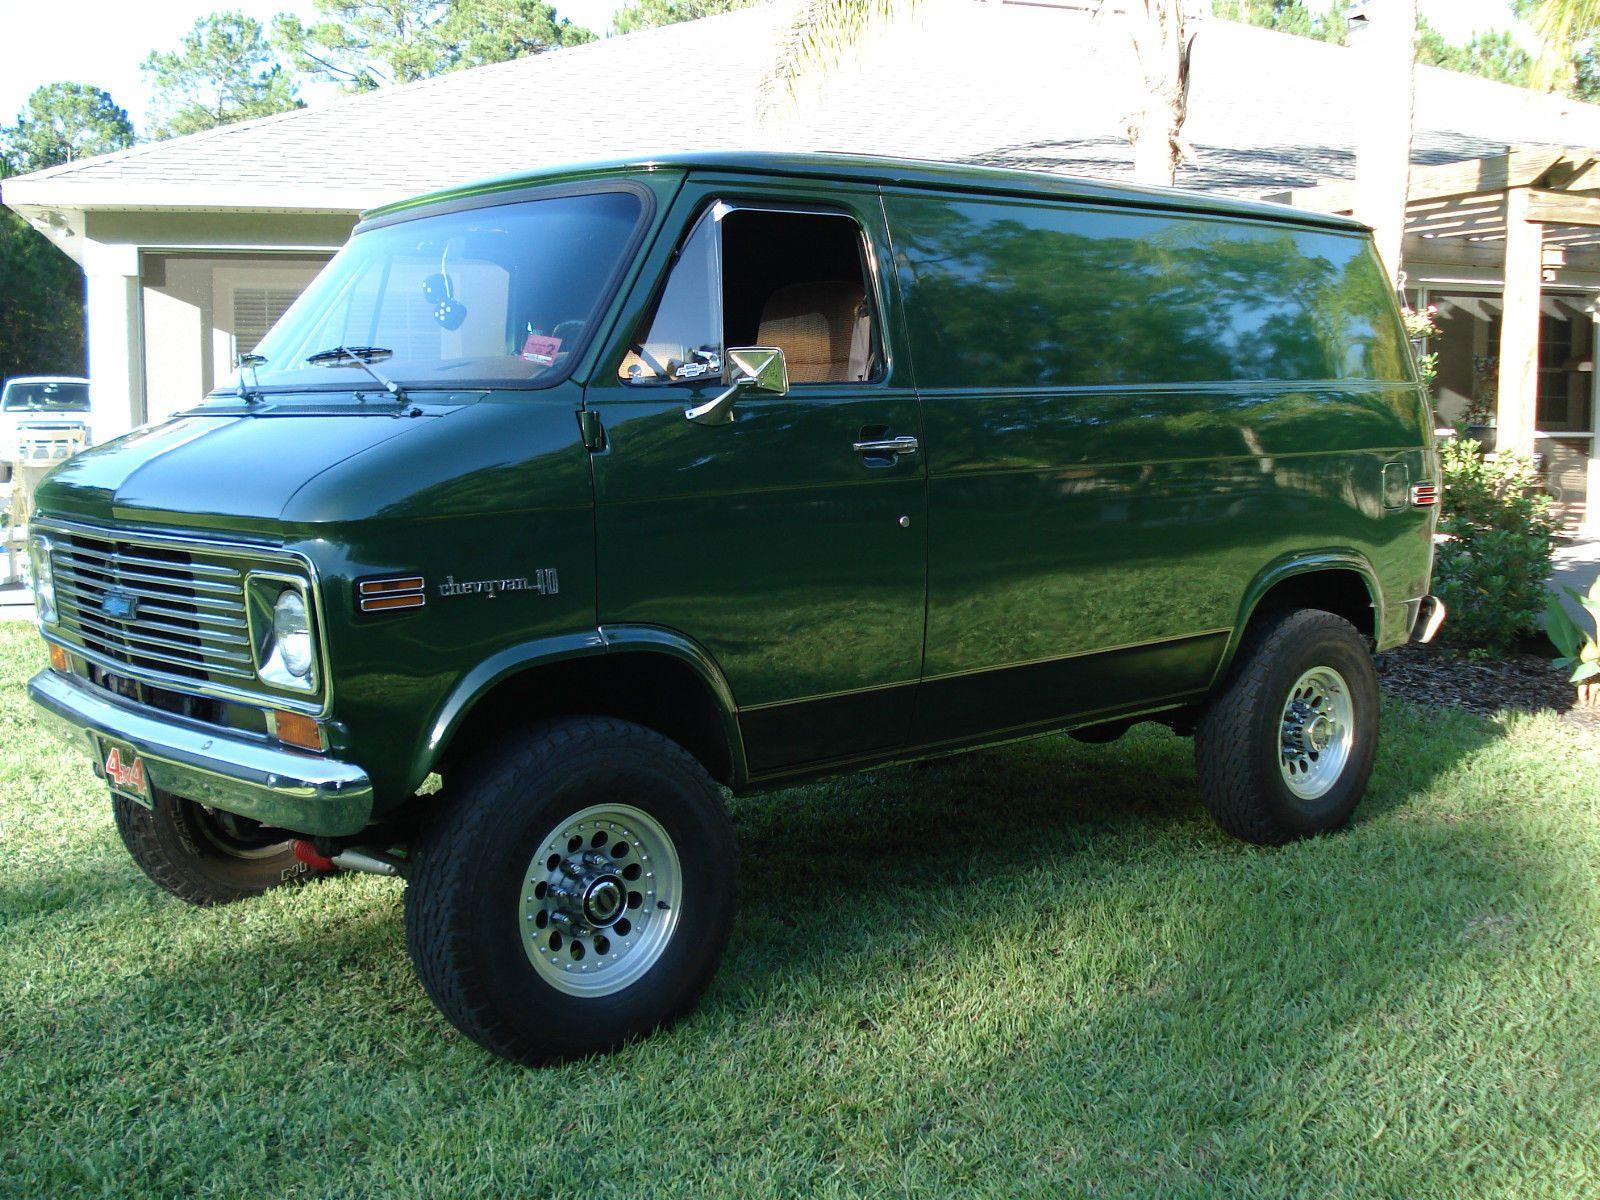 Chevrolet G20 Van G10 Ebay Chevy Van Gmc Vans Vans